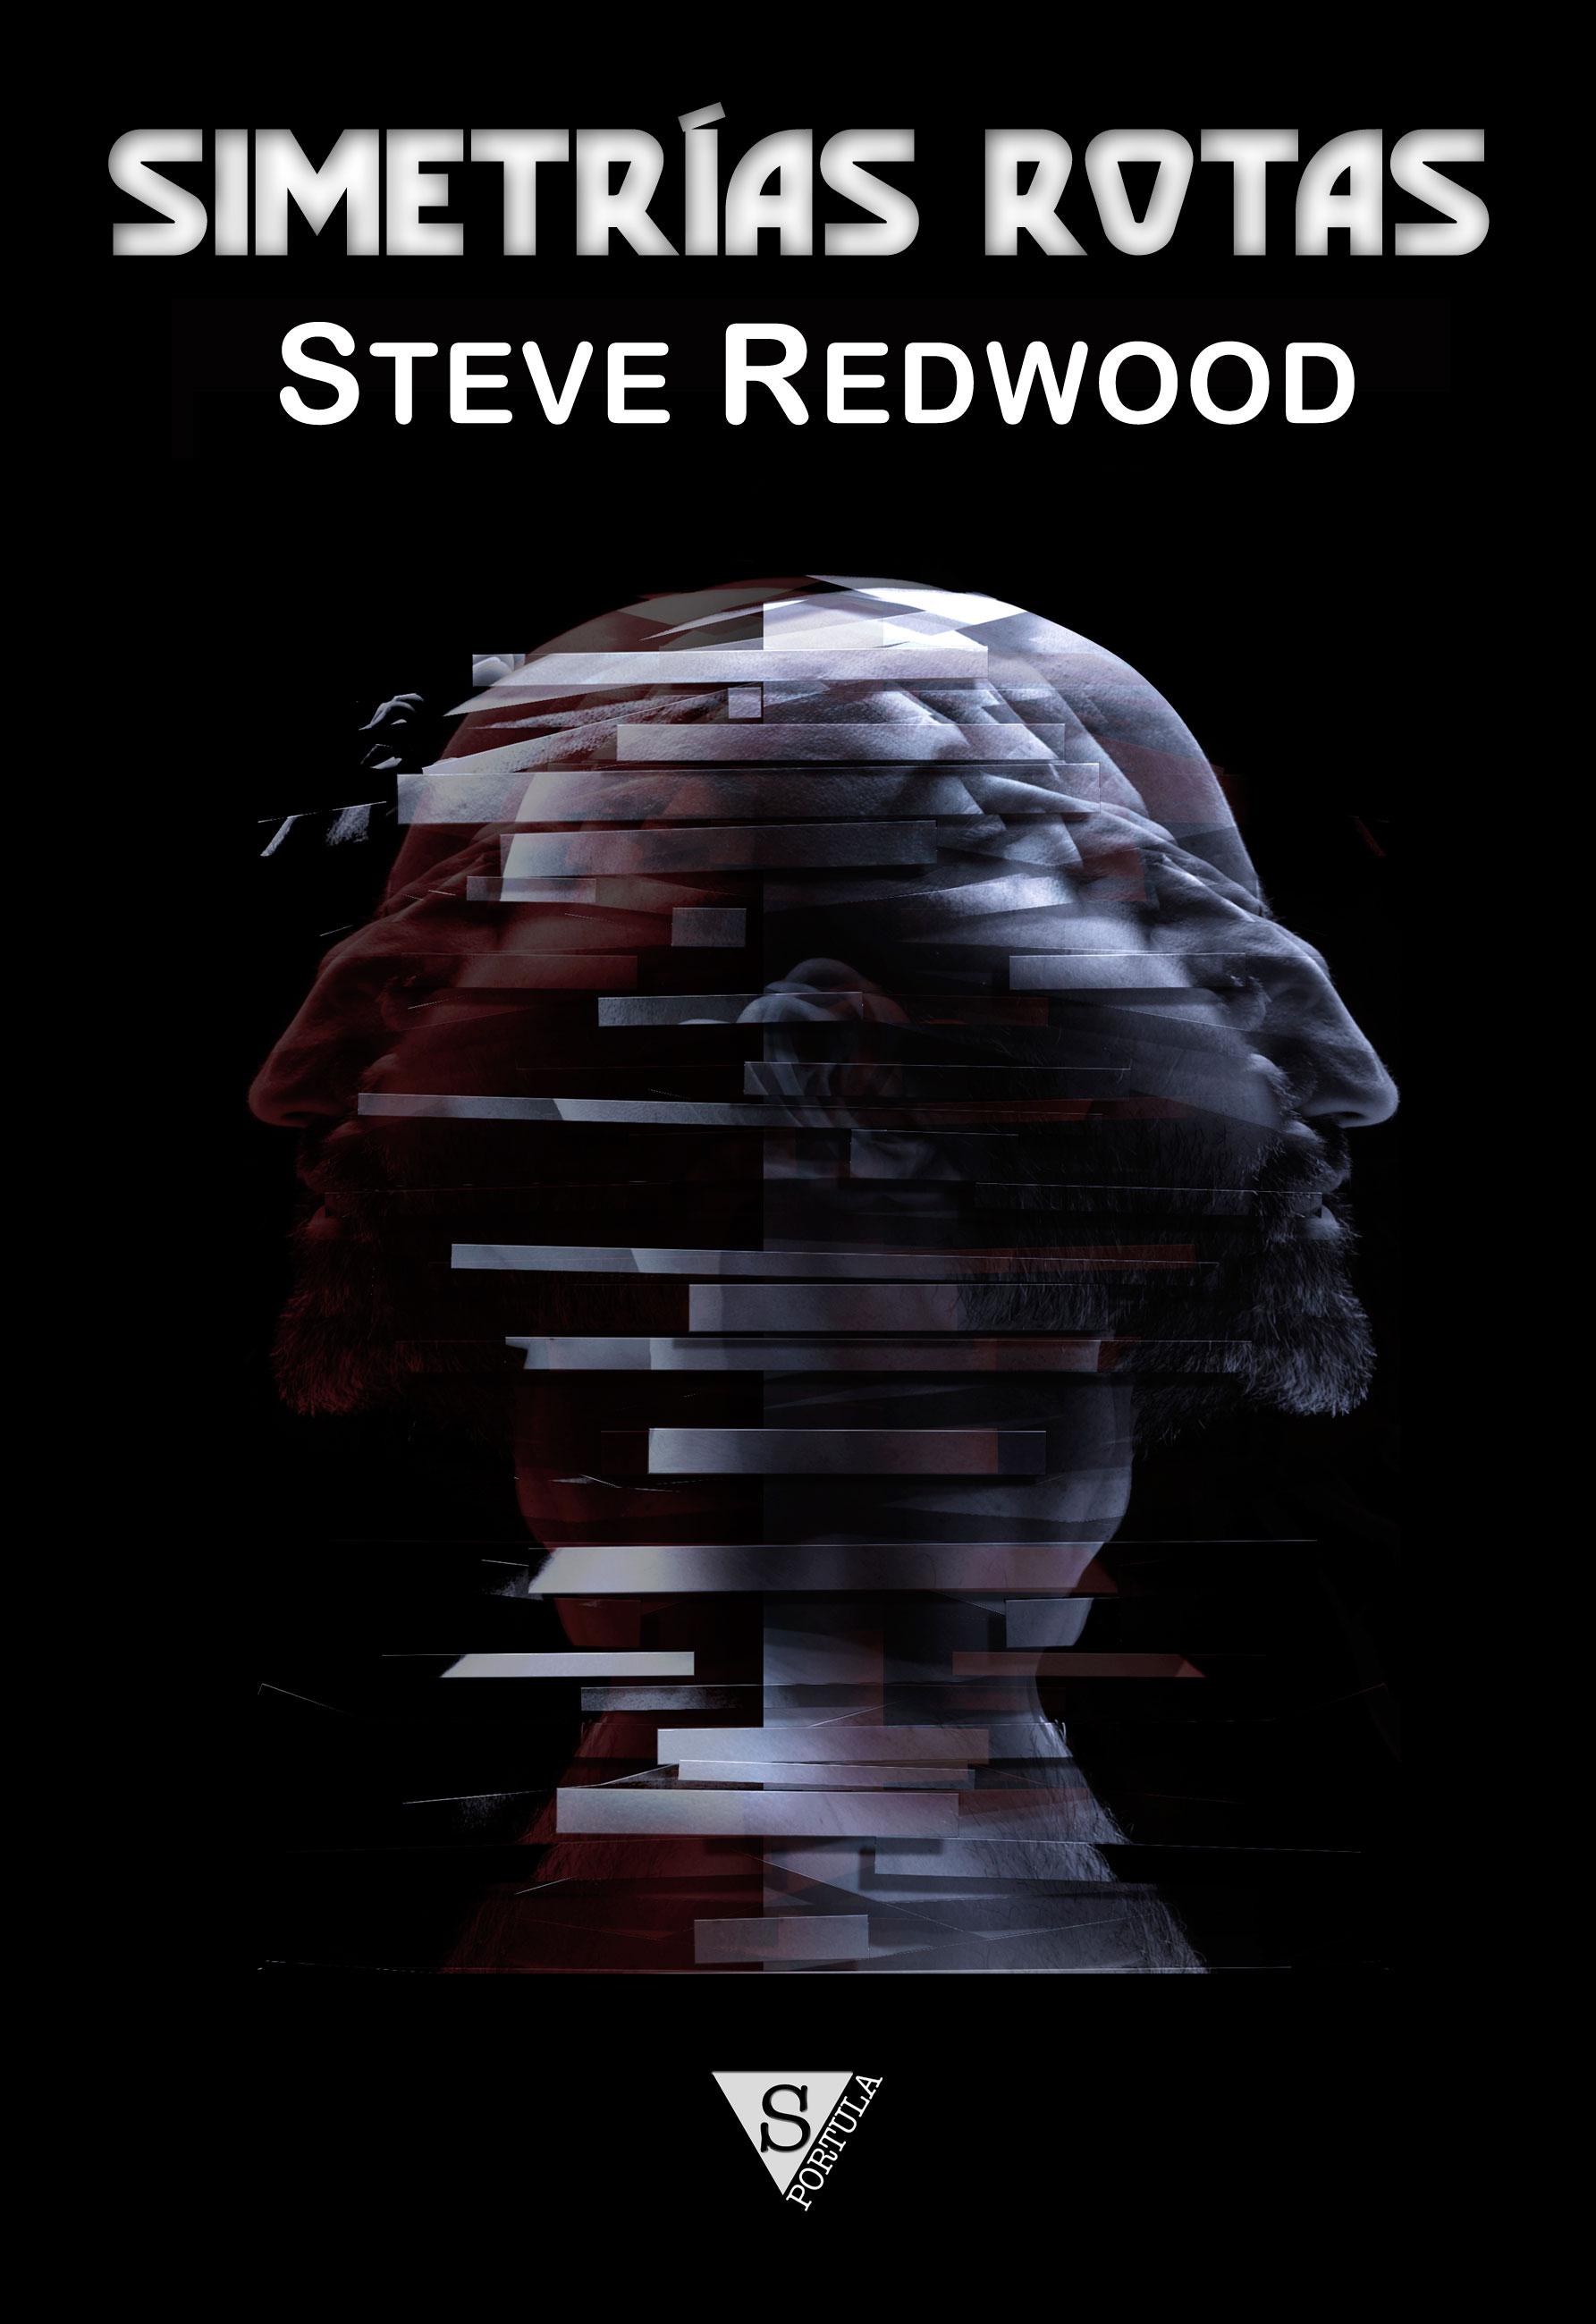 Simetrías rotas, de Steve Redwood